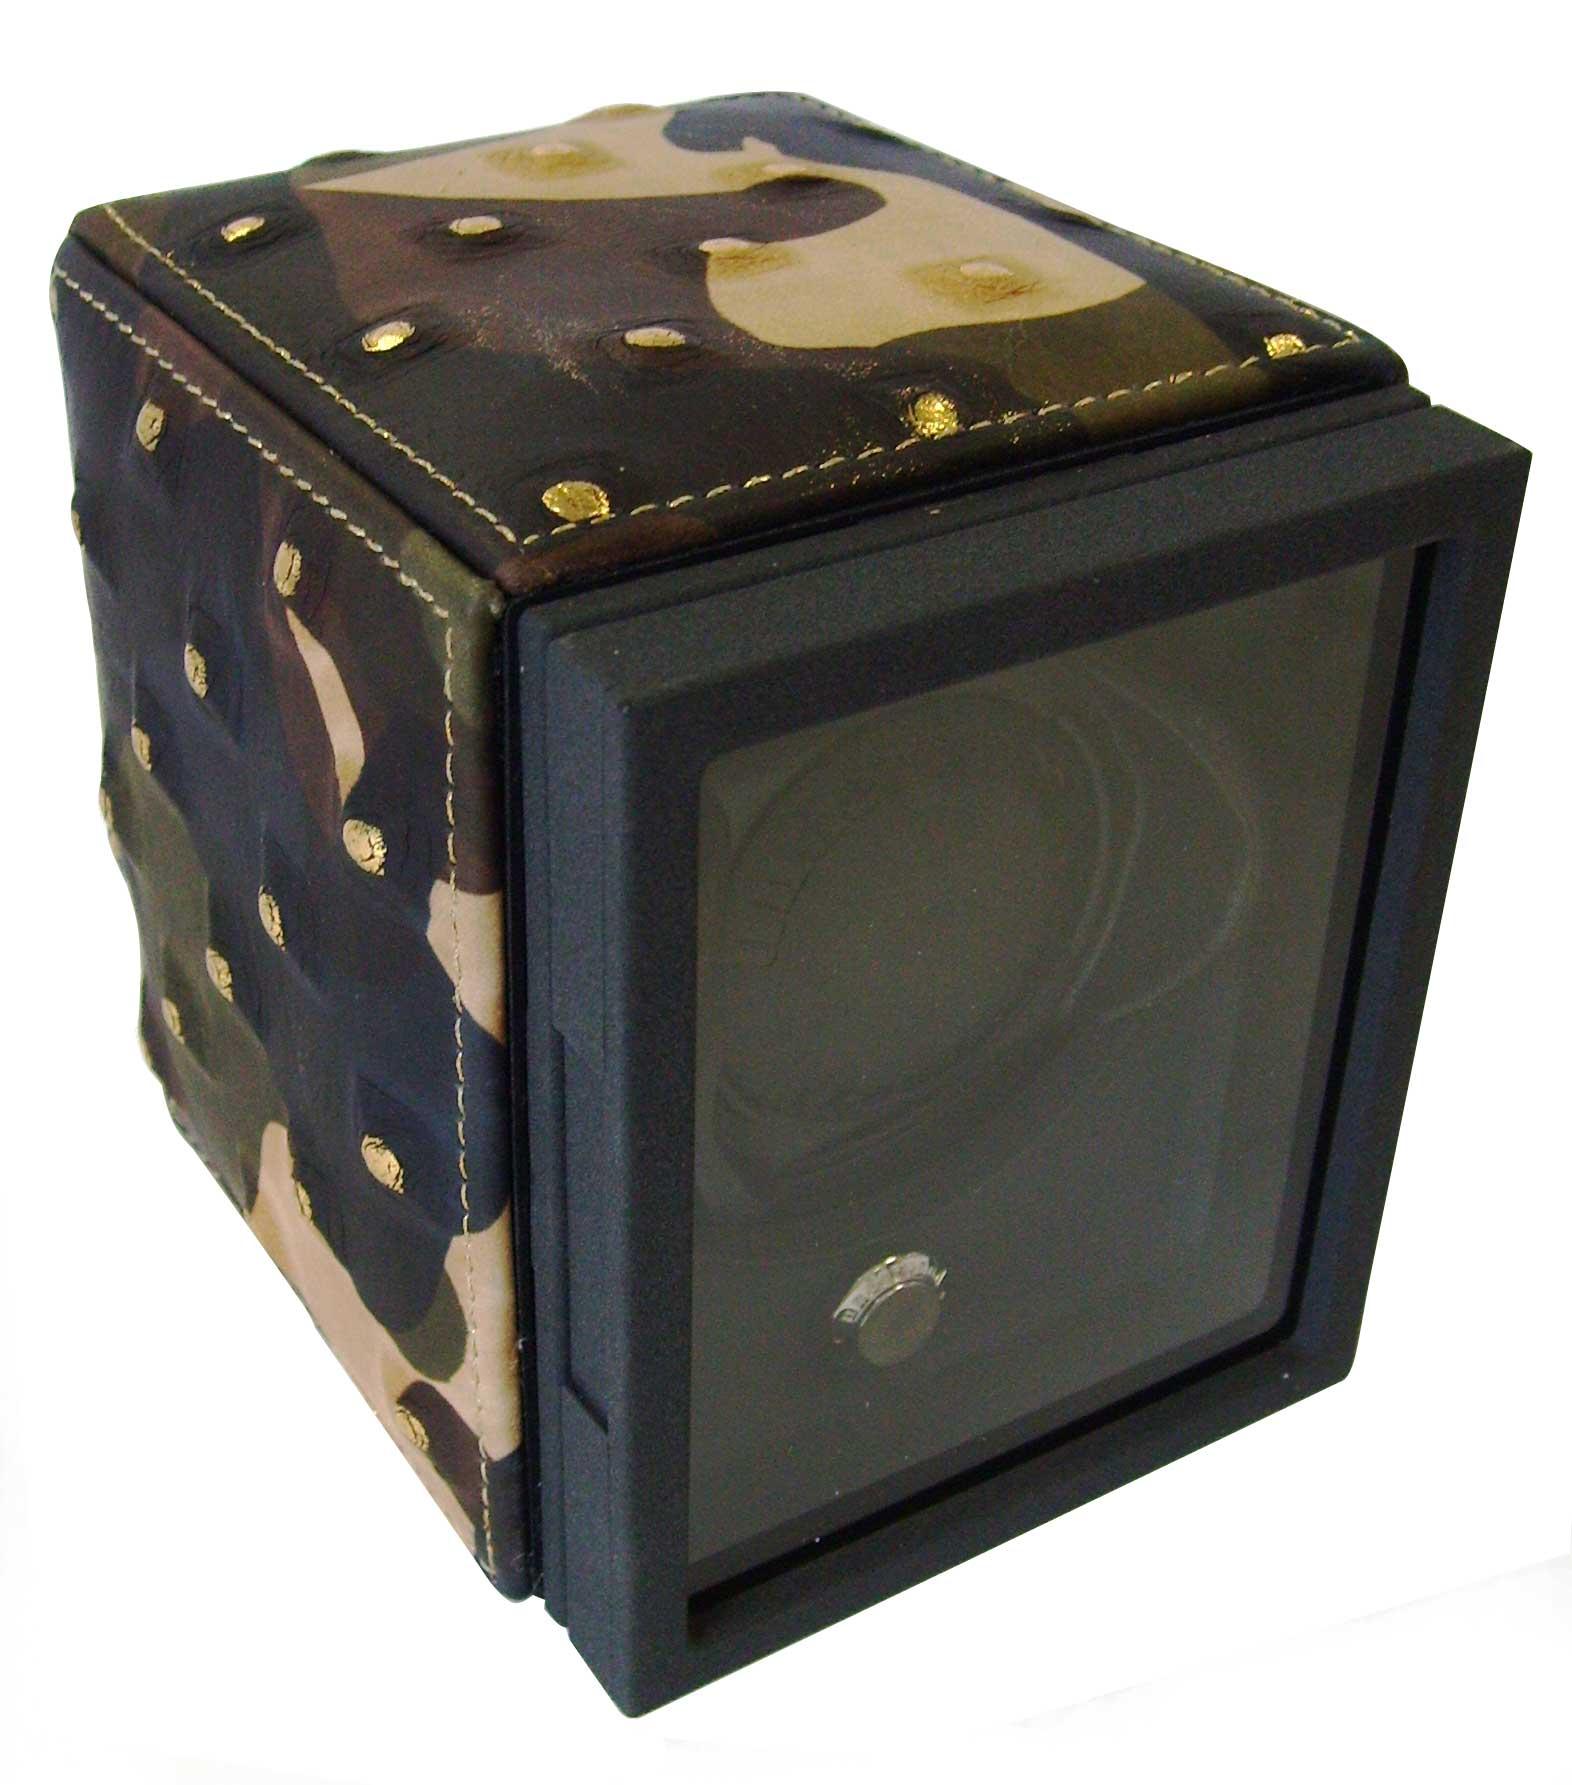 Underwood UN-805m Бокс для подзавода одних механических часов, камуфляжного цвета.